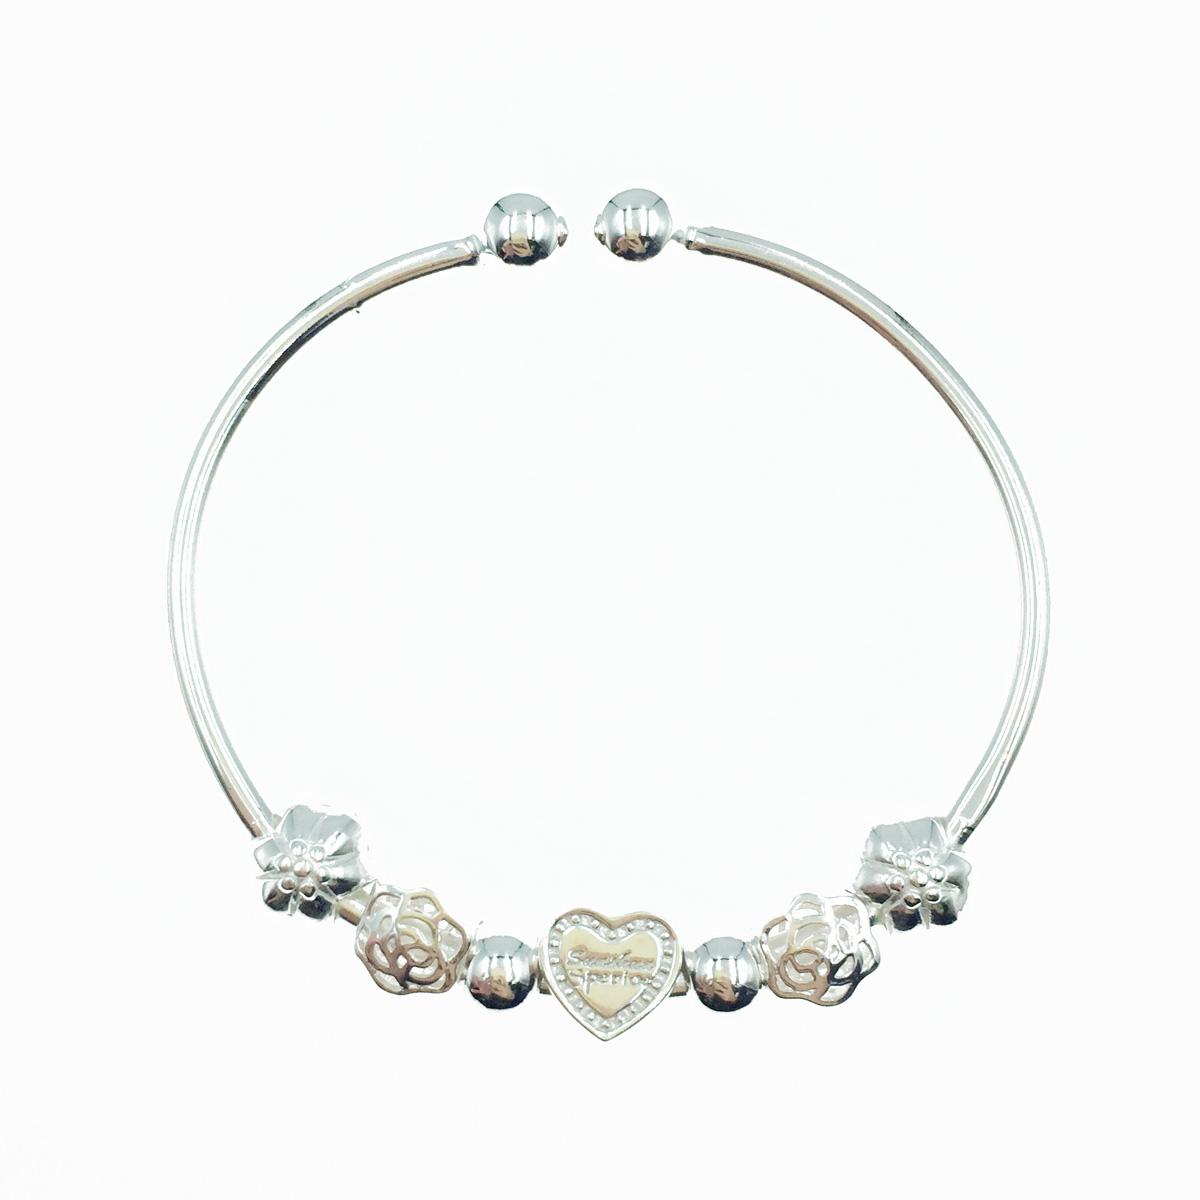 韓國 925純銀 愛心 花 金屬質感 手環